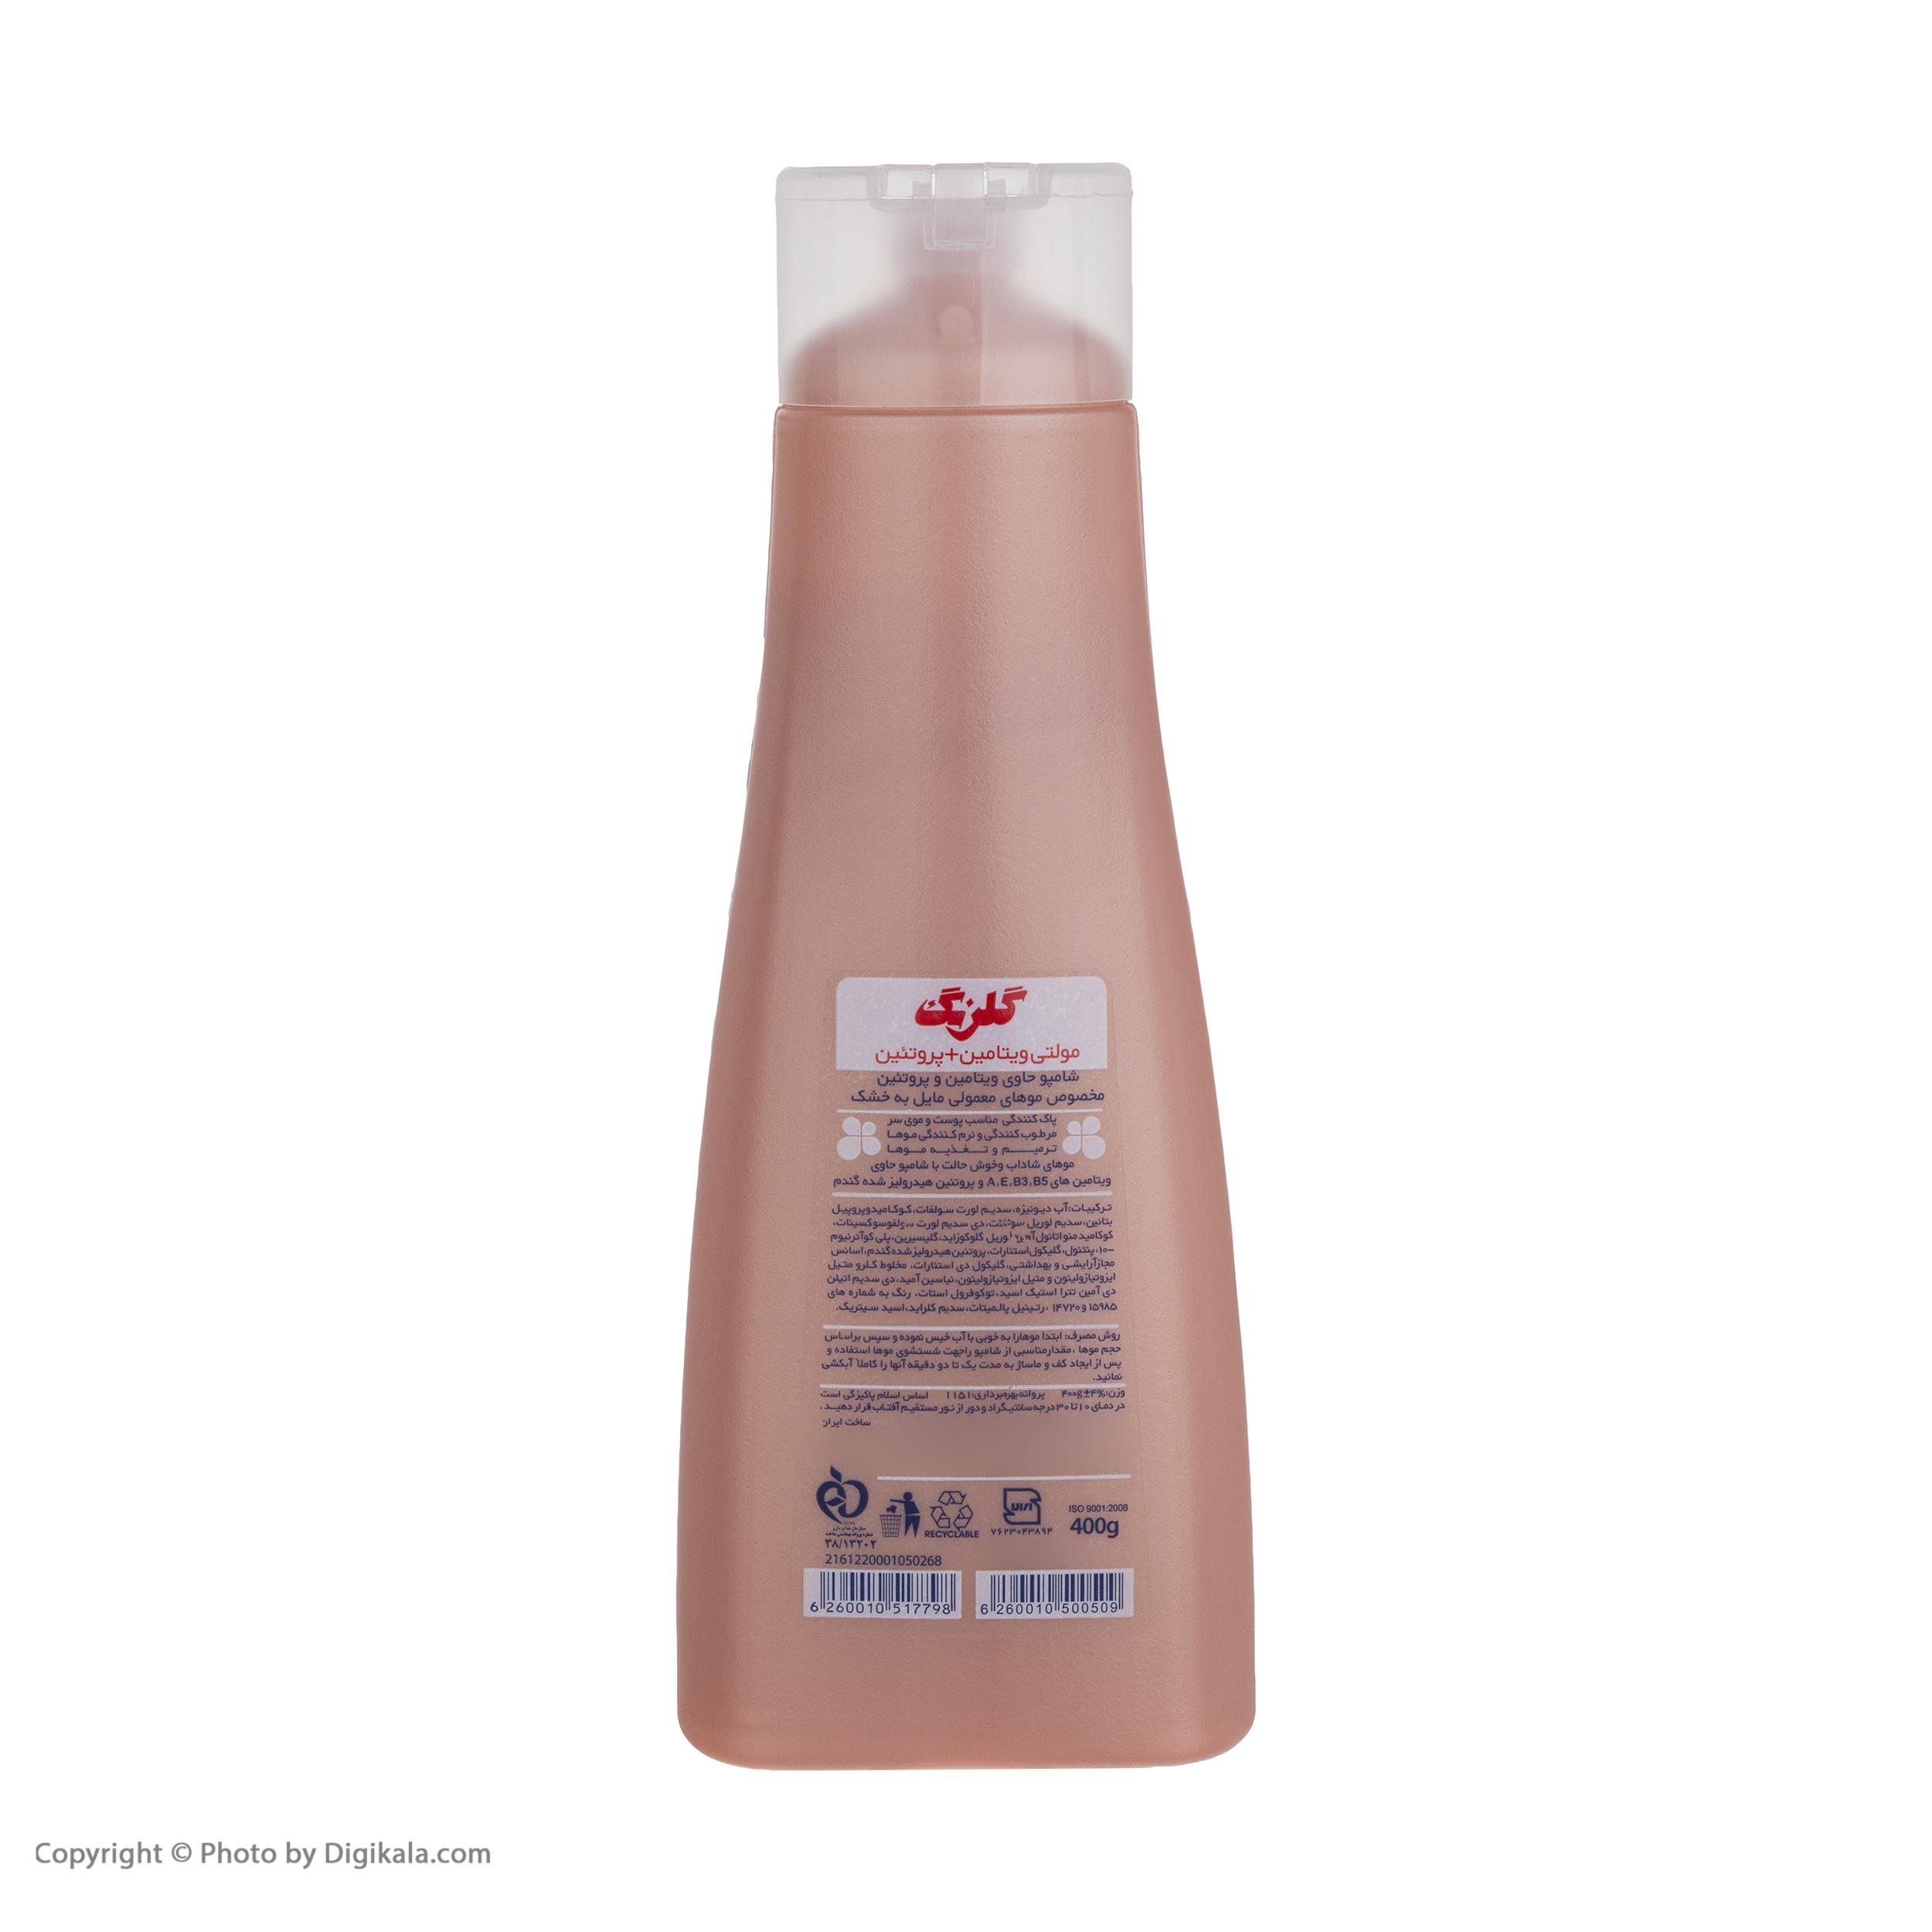 شامپو موی گلرنگ سری Plus Protein مدل Dry Hair مقدار 400 گرم main 1 3